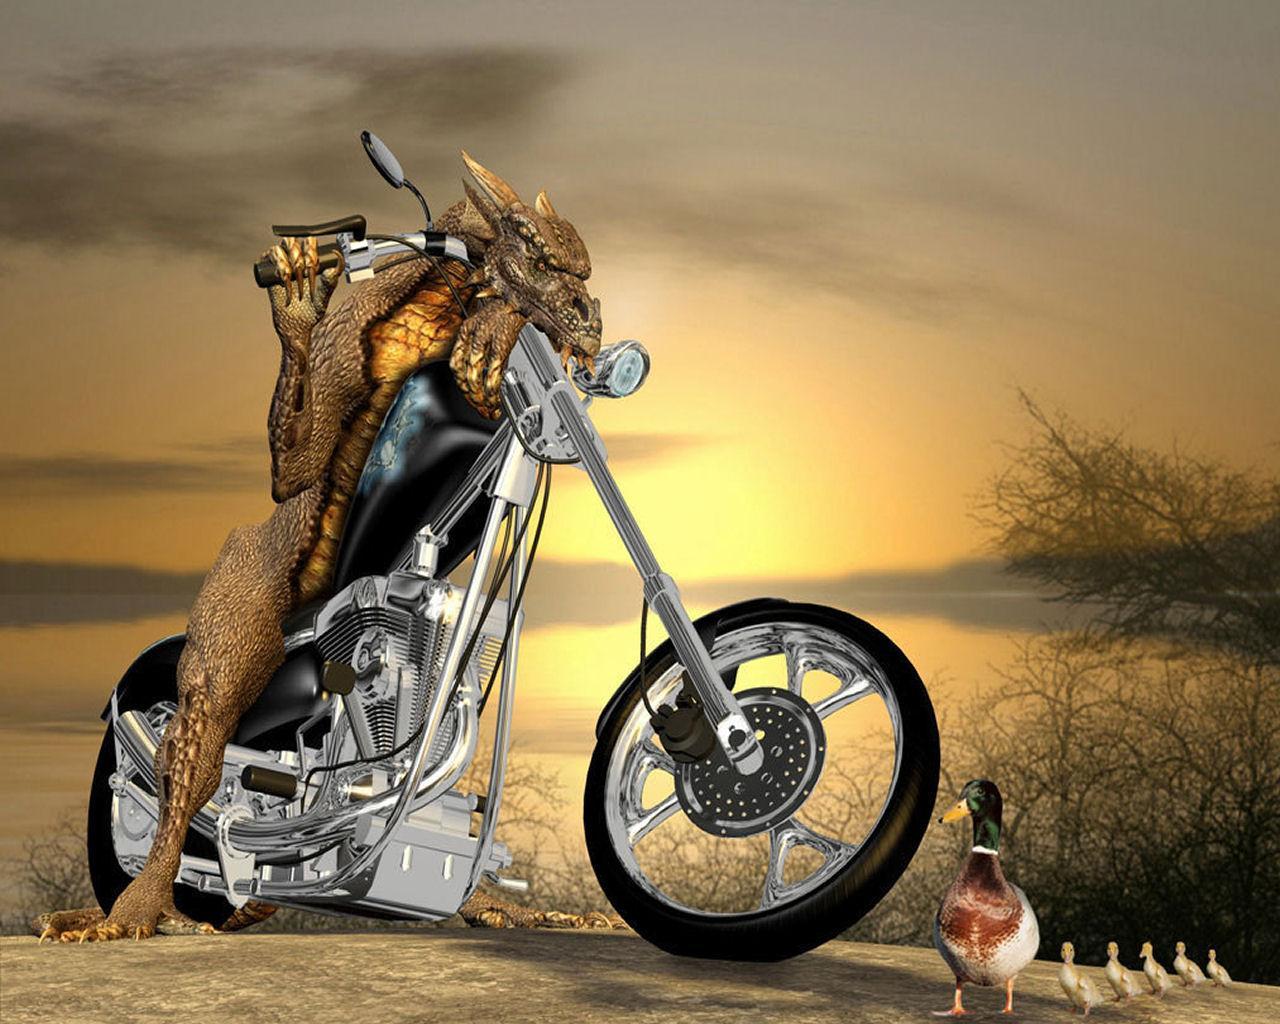 http://1.bp.blogspot.com/_e5a1u7zq5io/TT0bfbquciI/AAAAAAAAAN8/HKdBeumZNgk/s1600/Funny%20Wallpapers%20for%20desktop%20(3).jpg